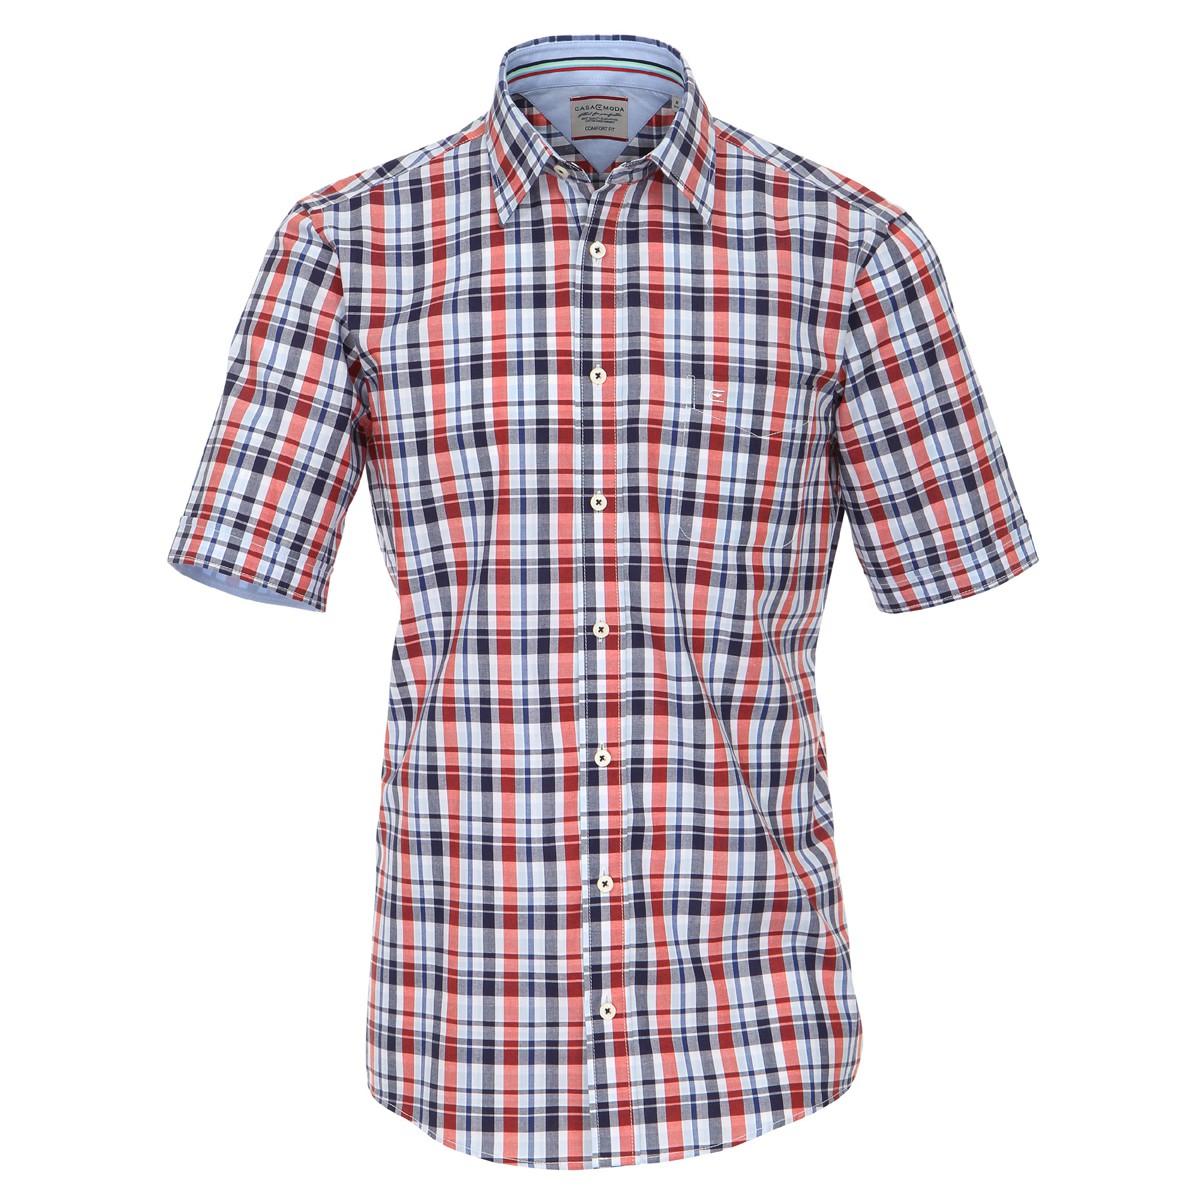 low priced 72b3d 025b1 Casa Moda kurzarm Hemd rot-dunkelblau kariert